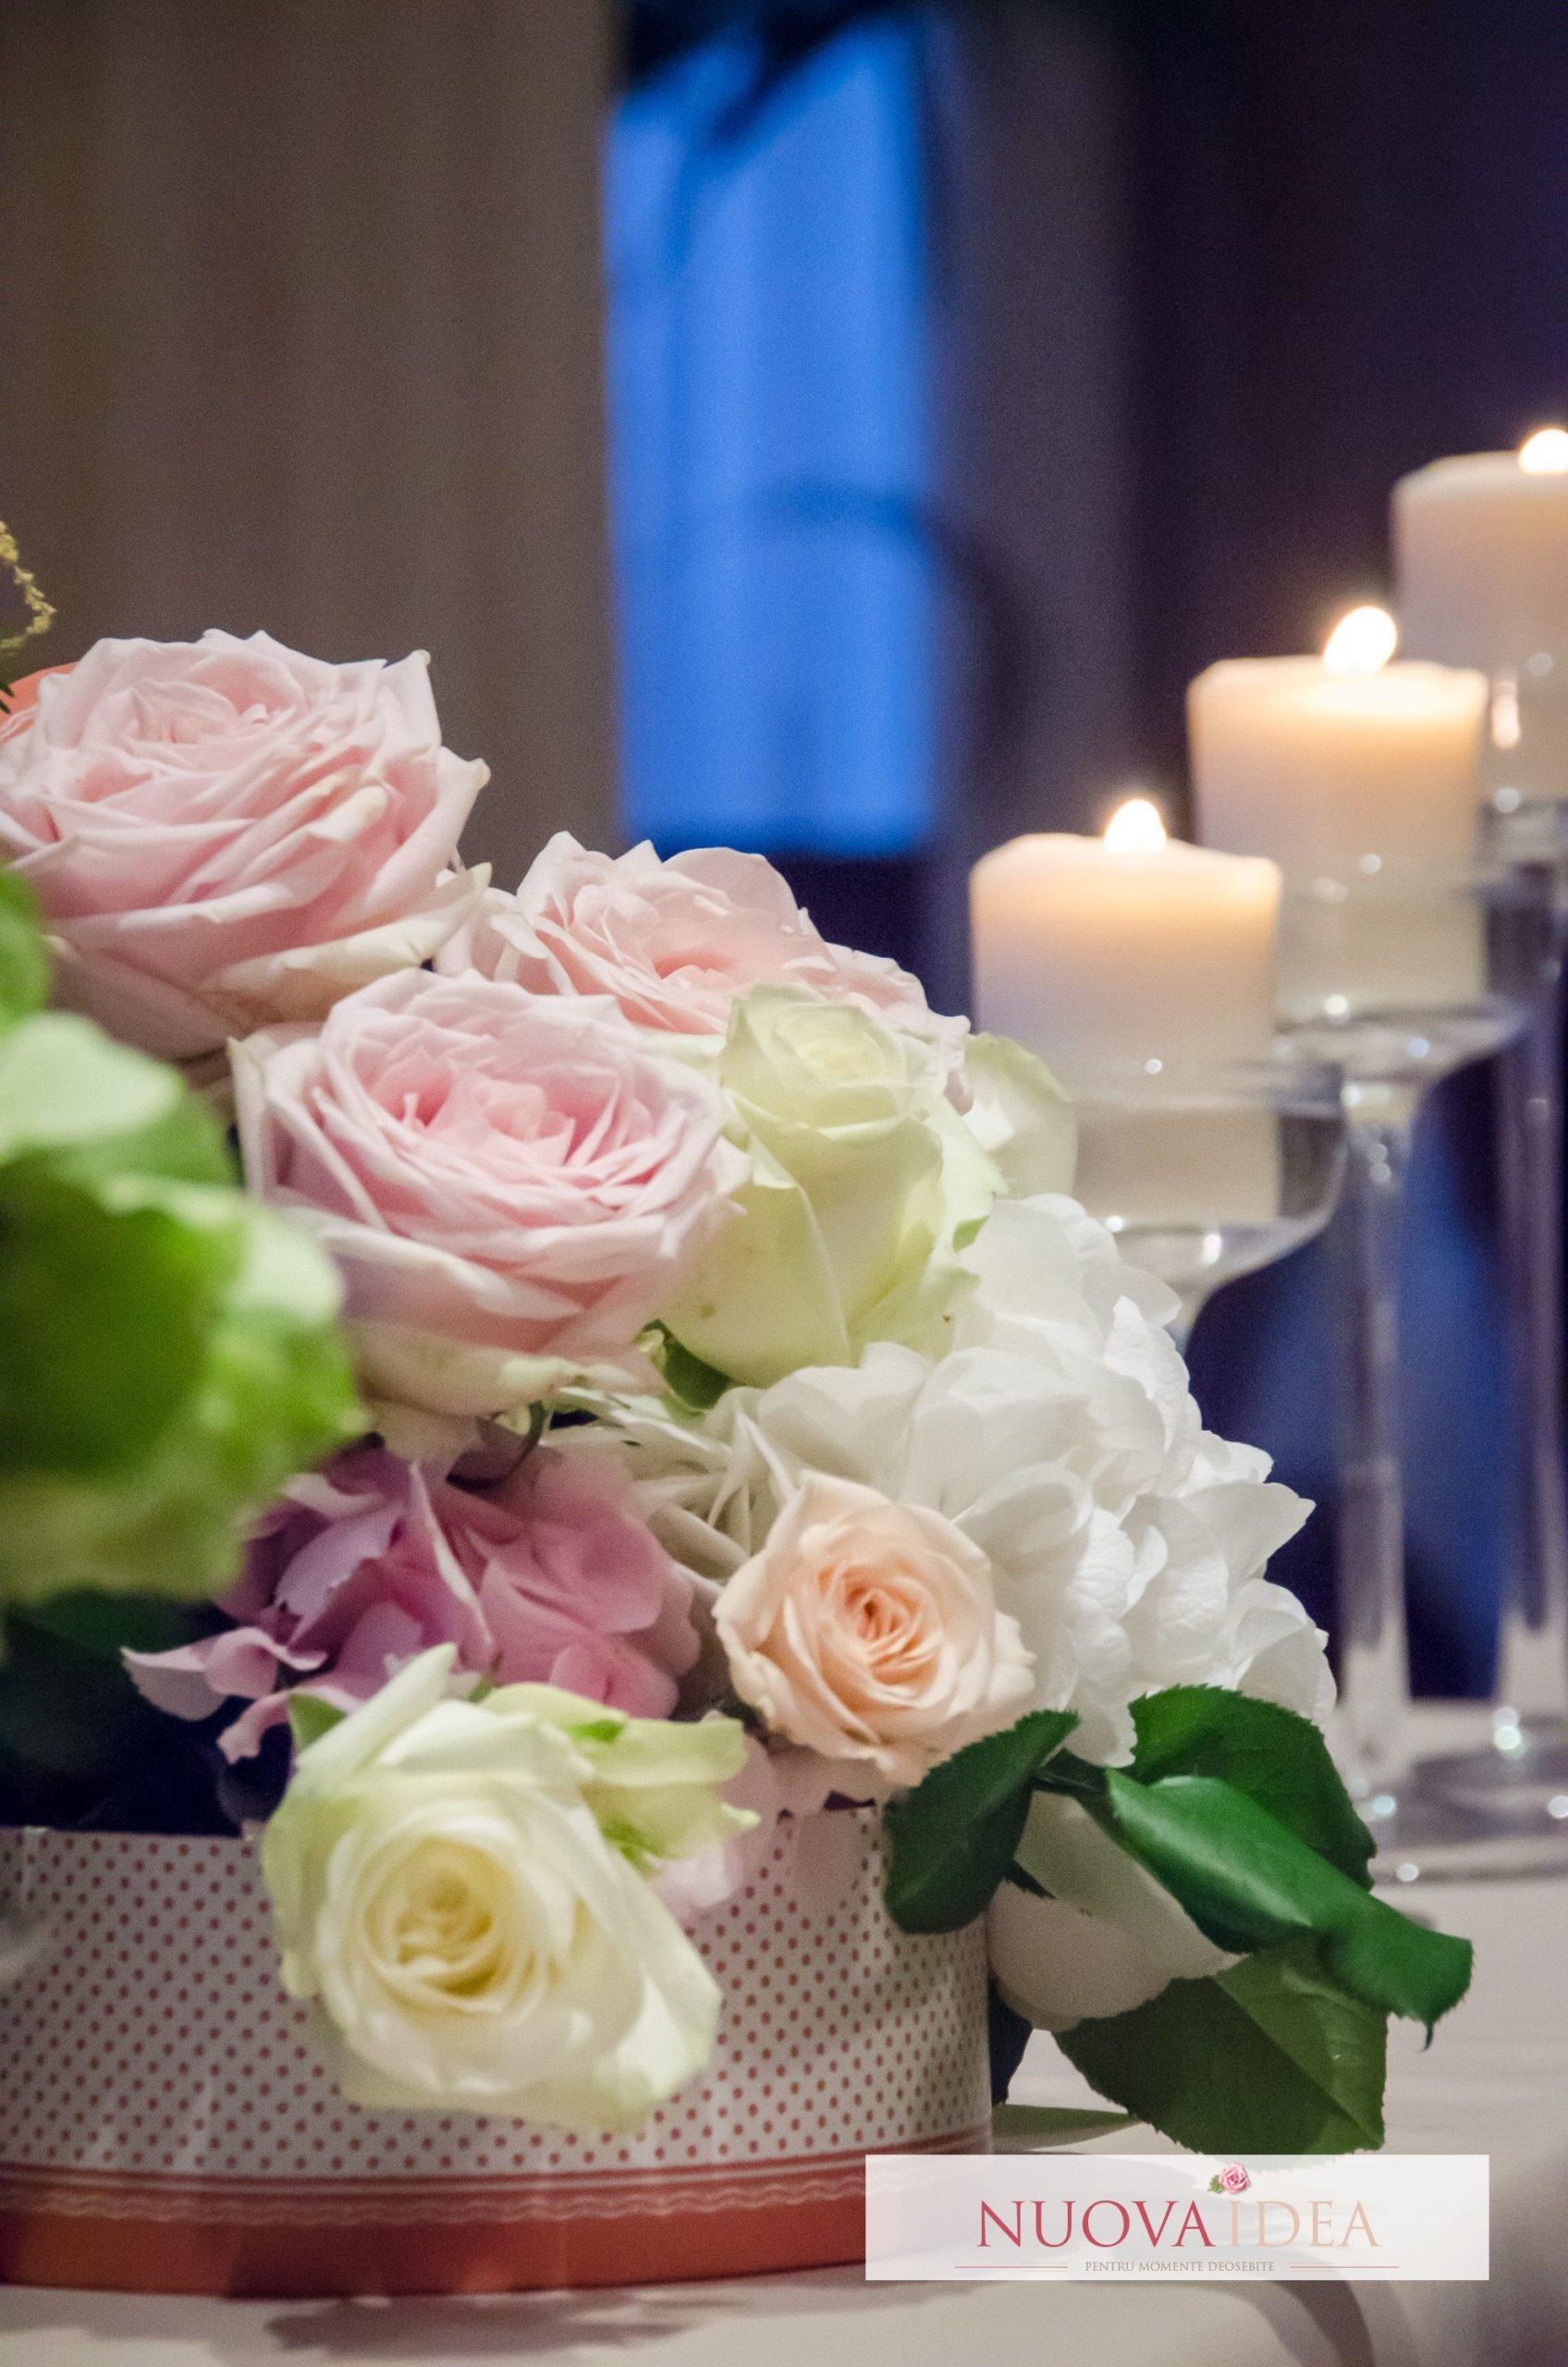 Îmbracă-ți evenimentul în roz